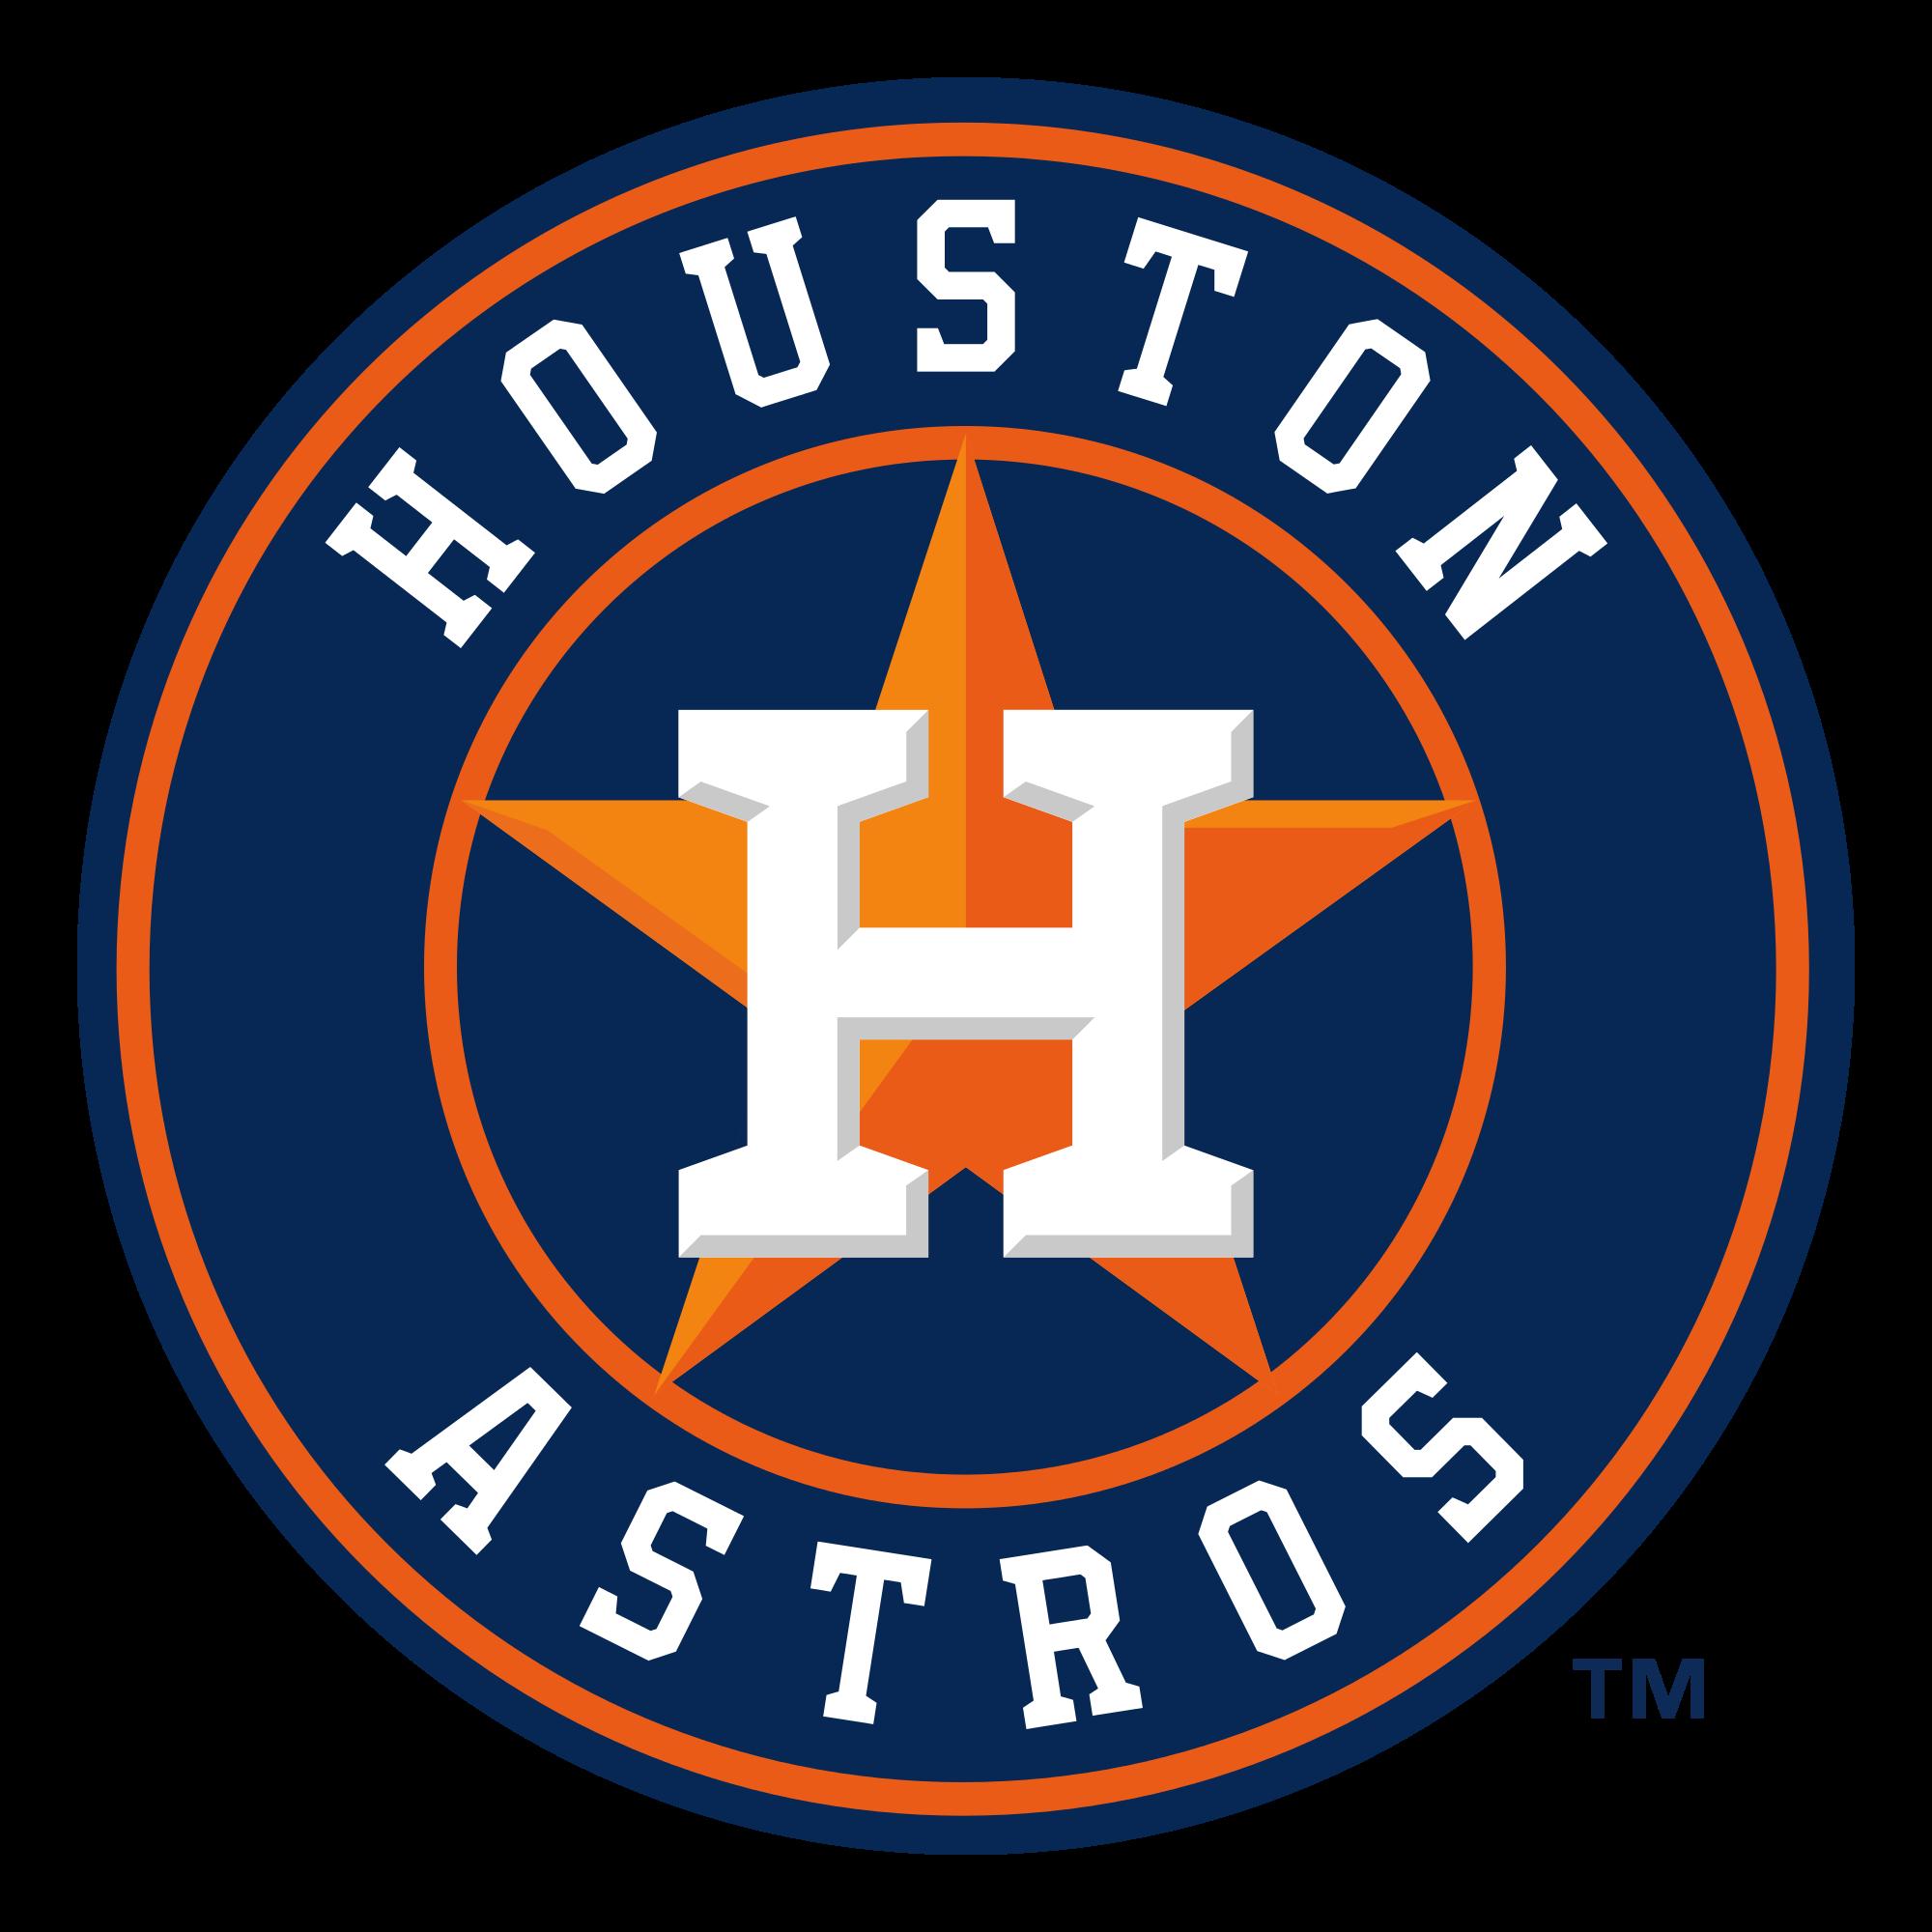 Favorite Baseball Team Mlb Team Logos Astros Team Mlb